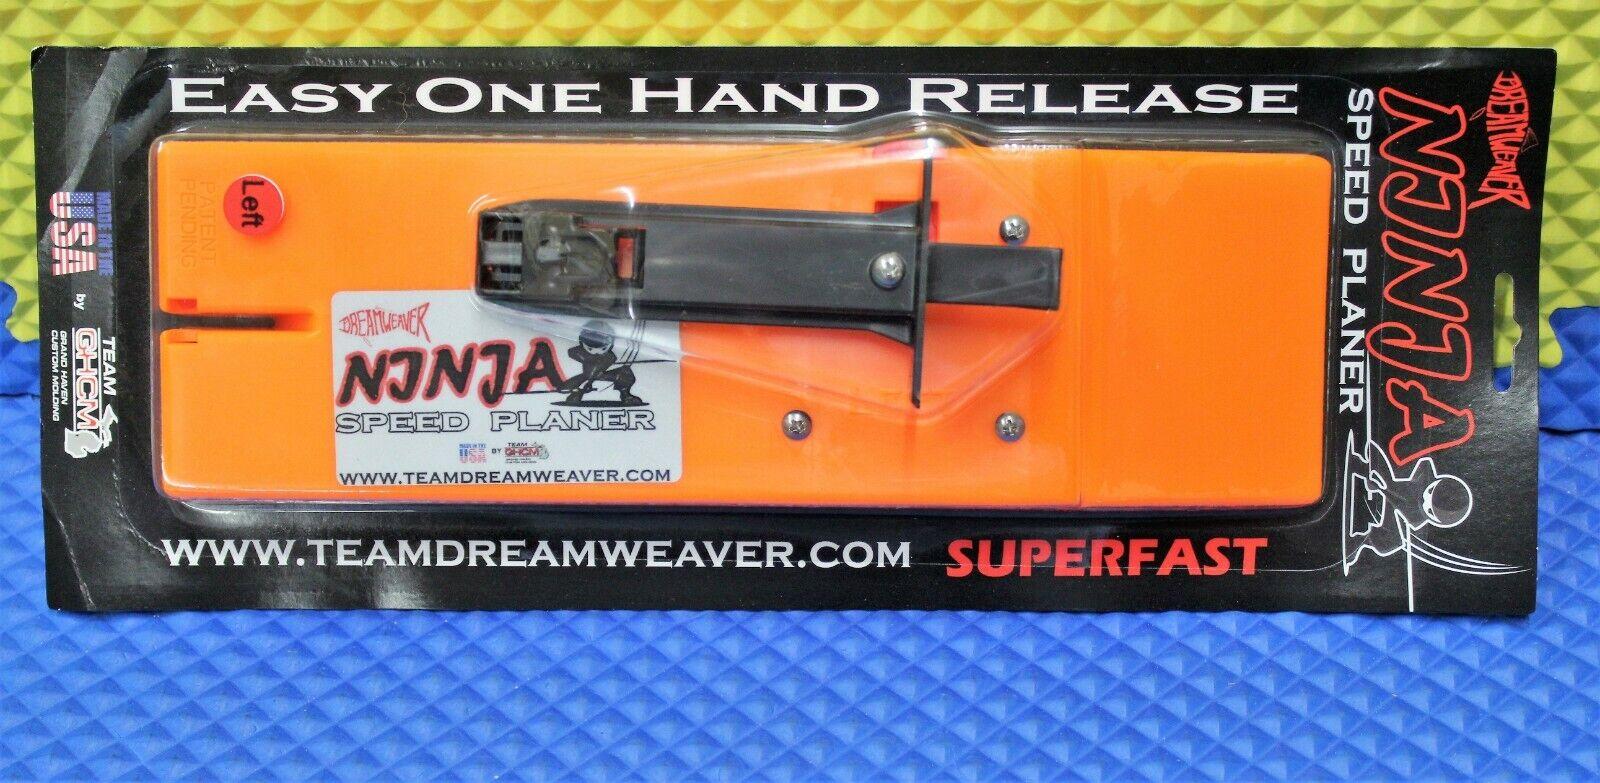 Cepilladora  velocidad Ninja Dreamweaver placa izquierda NJ911-L  compras online de deportes